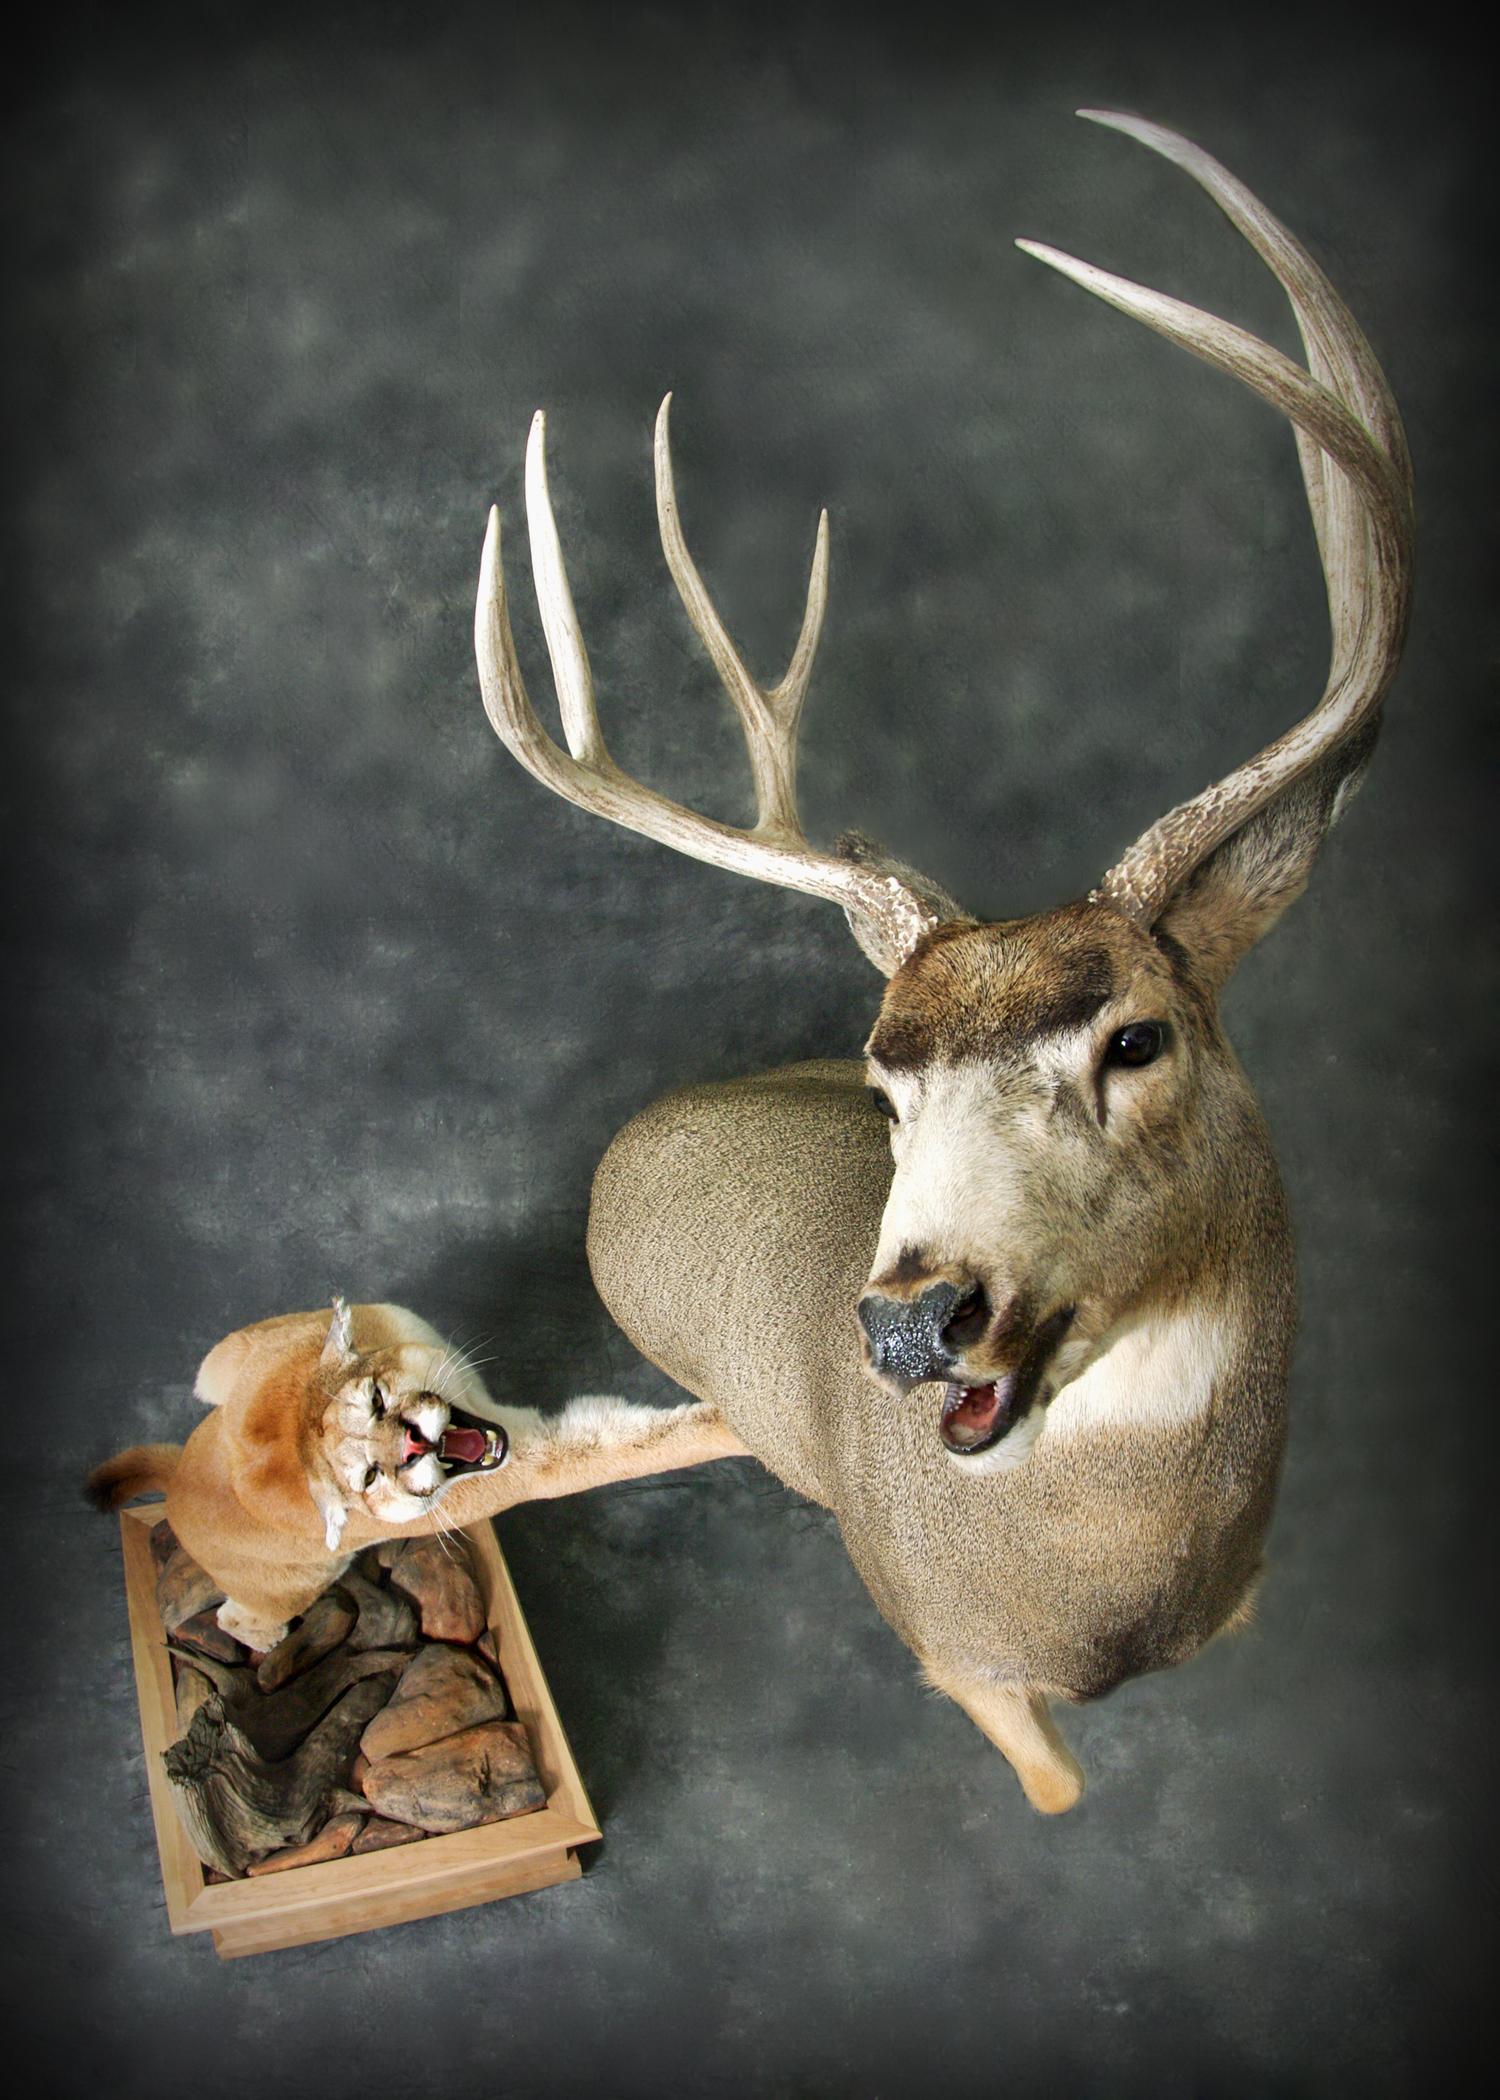 25 Mountain Lion | Mule Deer